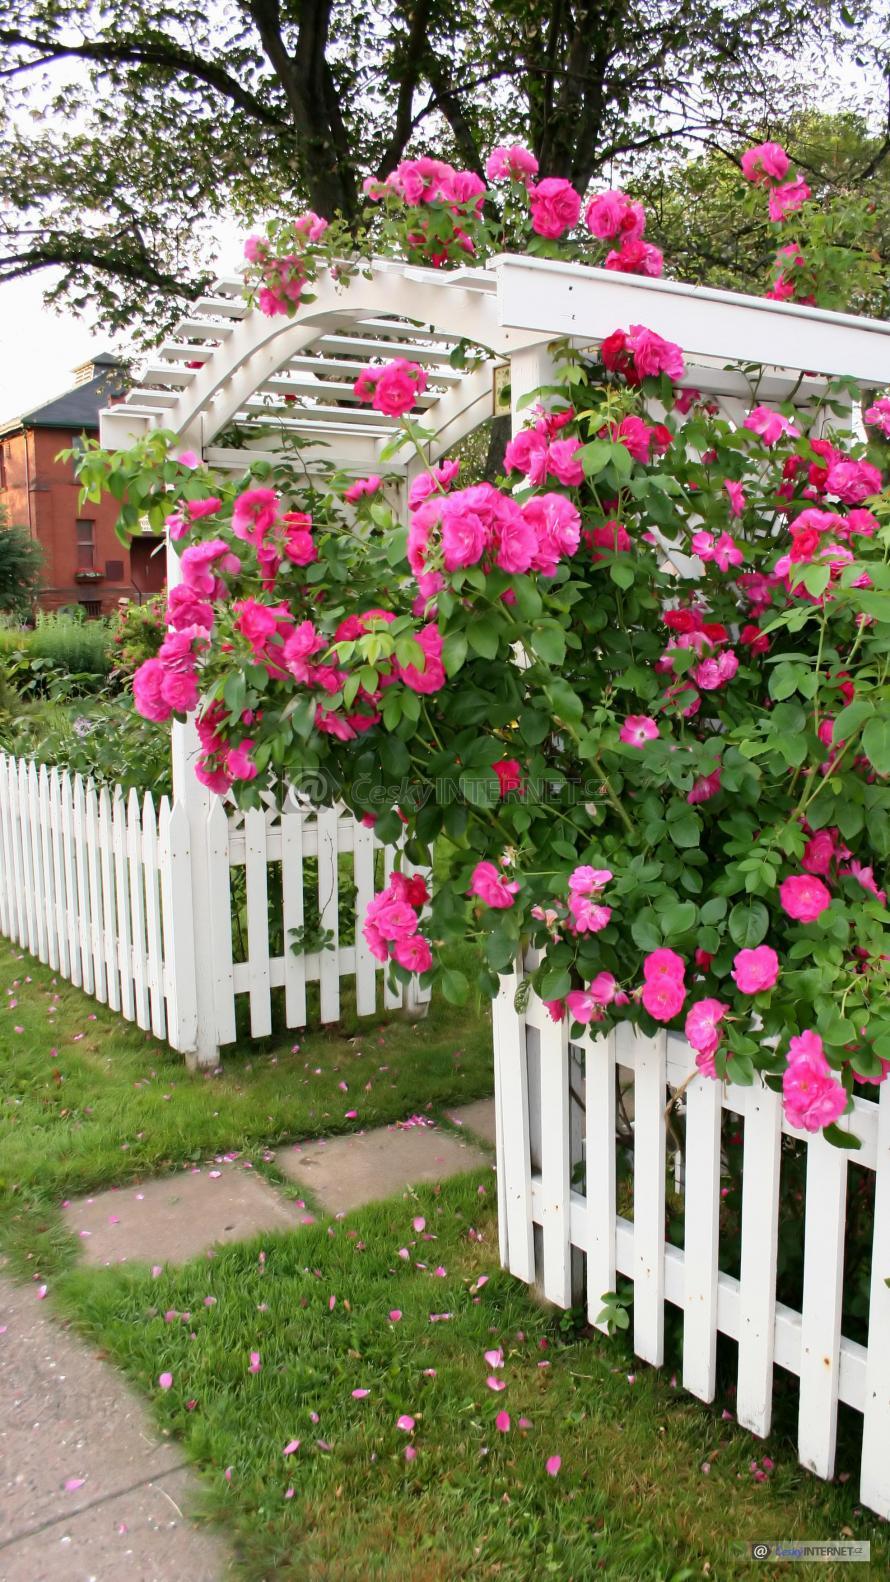 Rozkvetlé růže kolem dřevěného plotu a brány.